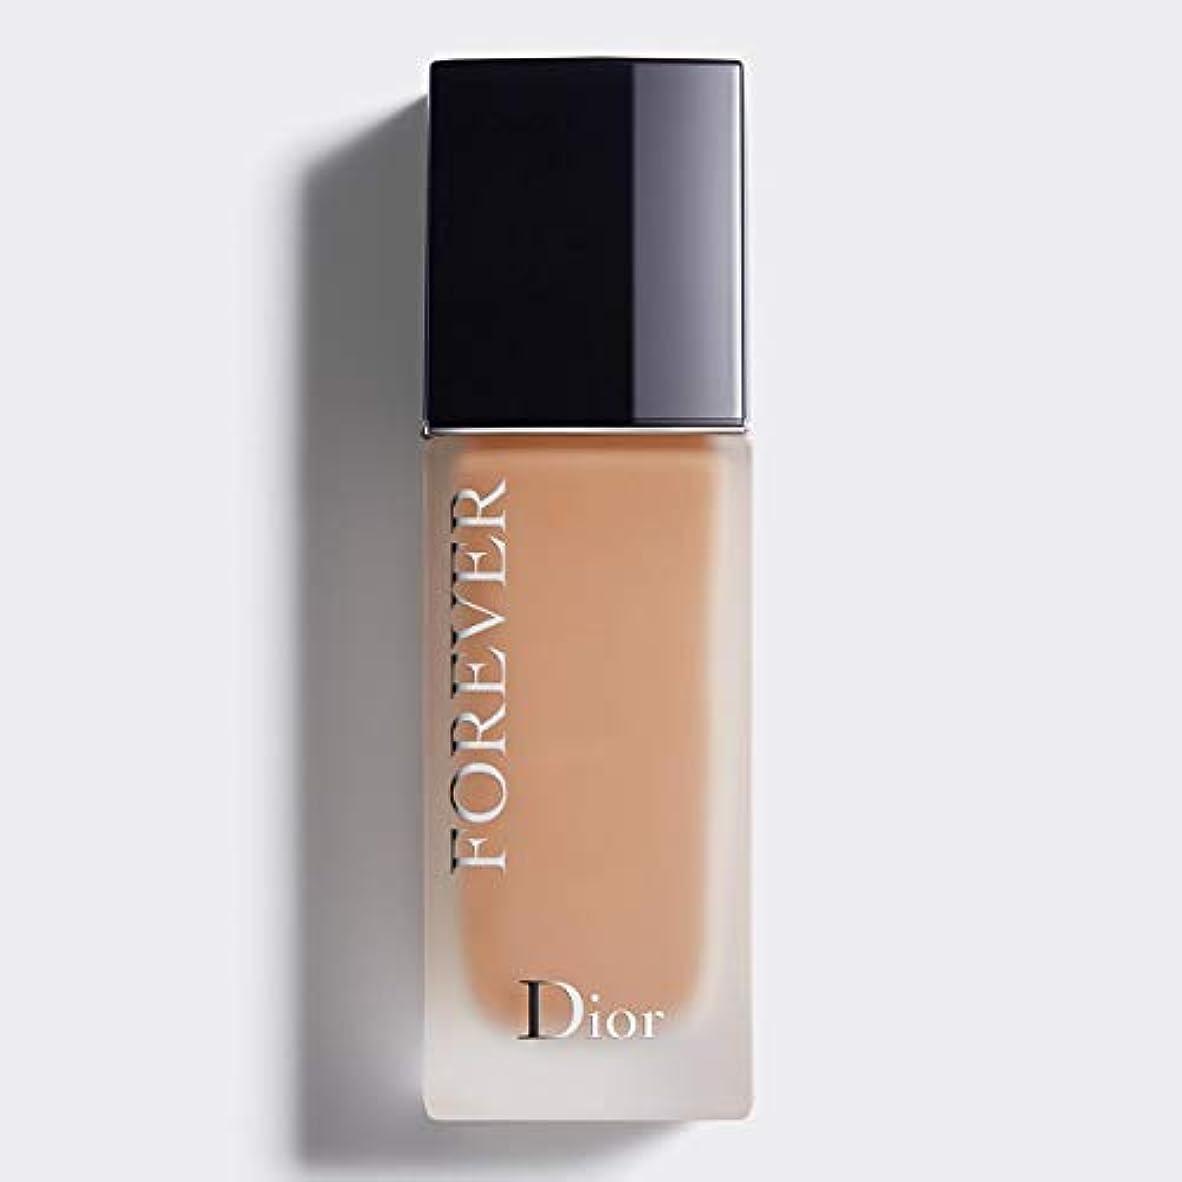 なめらか絡まる病気クリスチャンディオール Dior Forever 24H Wear High Perfection Foundation SPF 35 - # 3WP (Warm Peach) 30ml/1oz並行輸入品